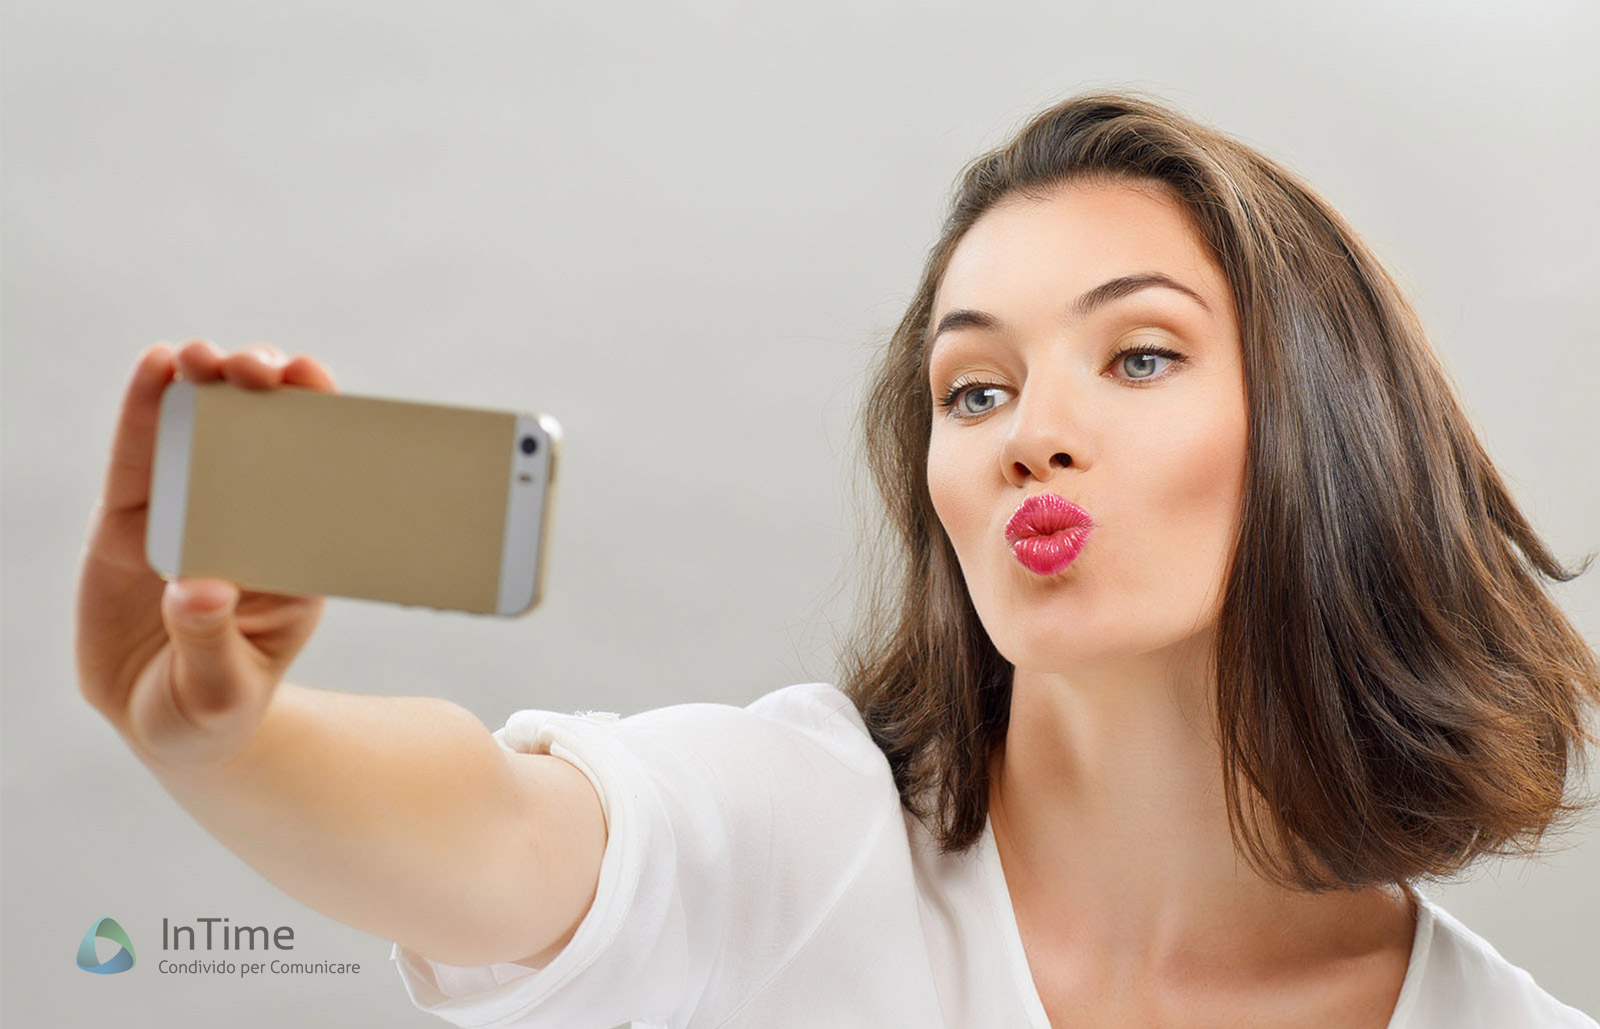 Selfie, ecco i profili degli appassionati dell'autoscatto